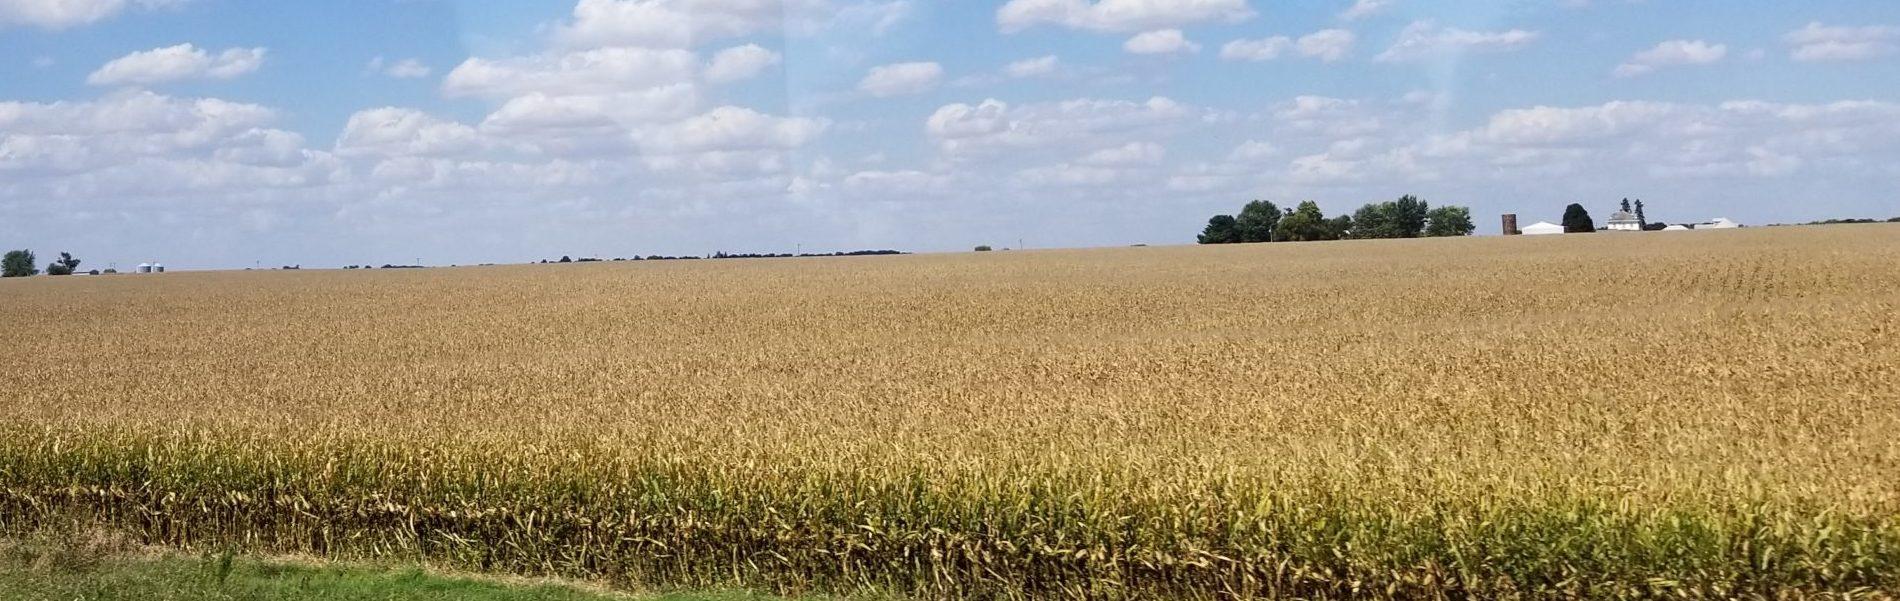 大穀倉地帯(ネブラスカ州)